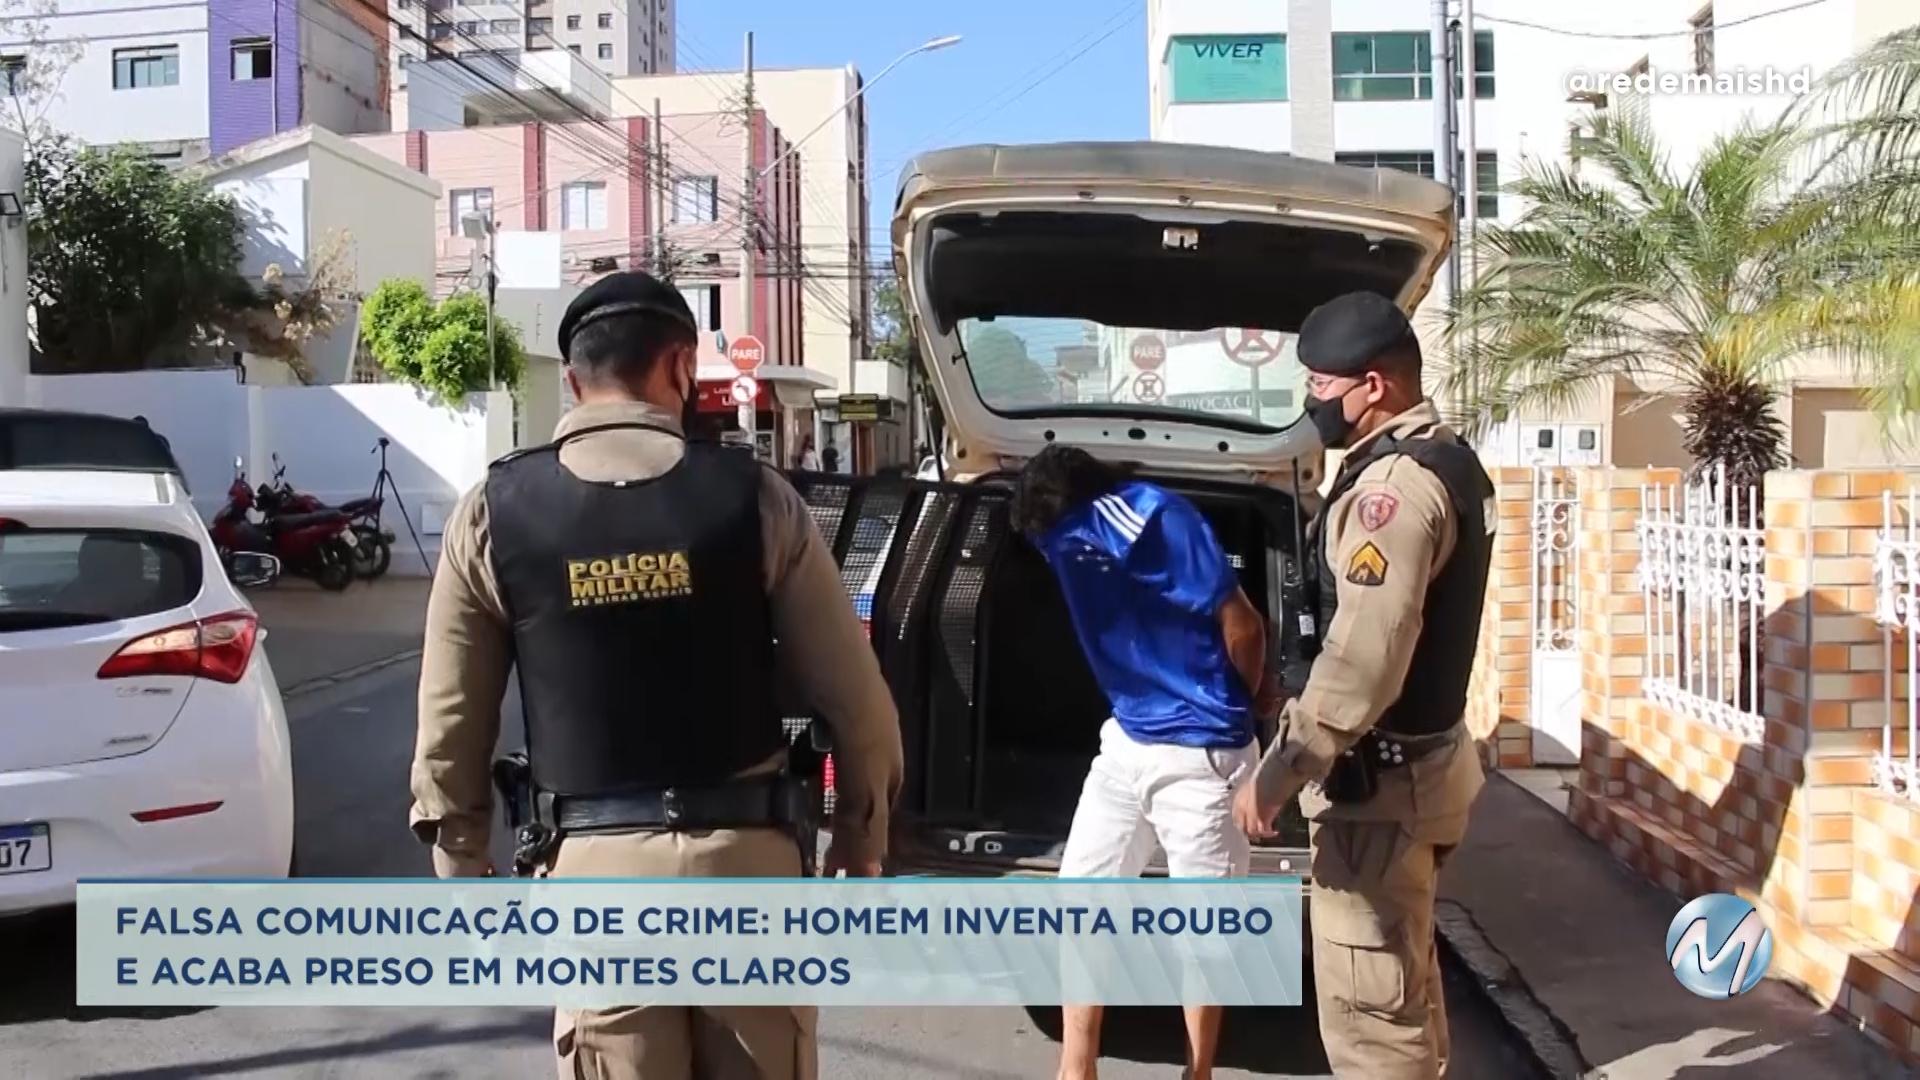 Falsa comunicação de crime: homem inventa roubo e acaba preso em Montes Claros